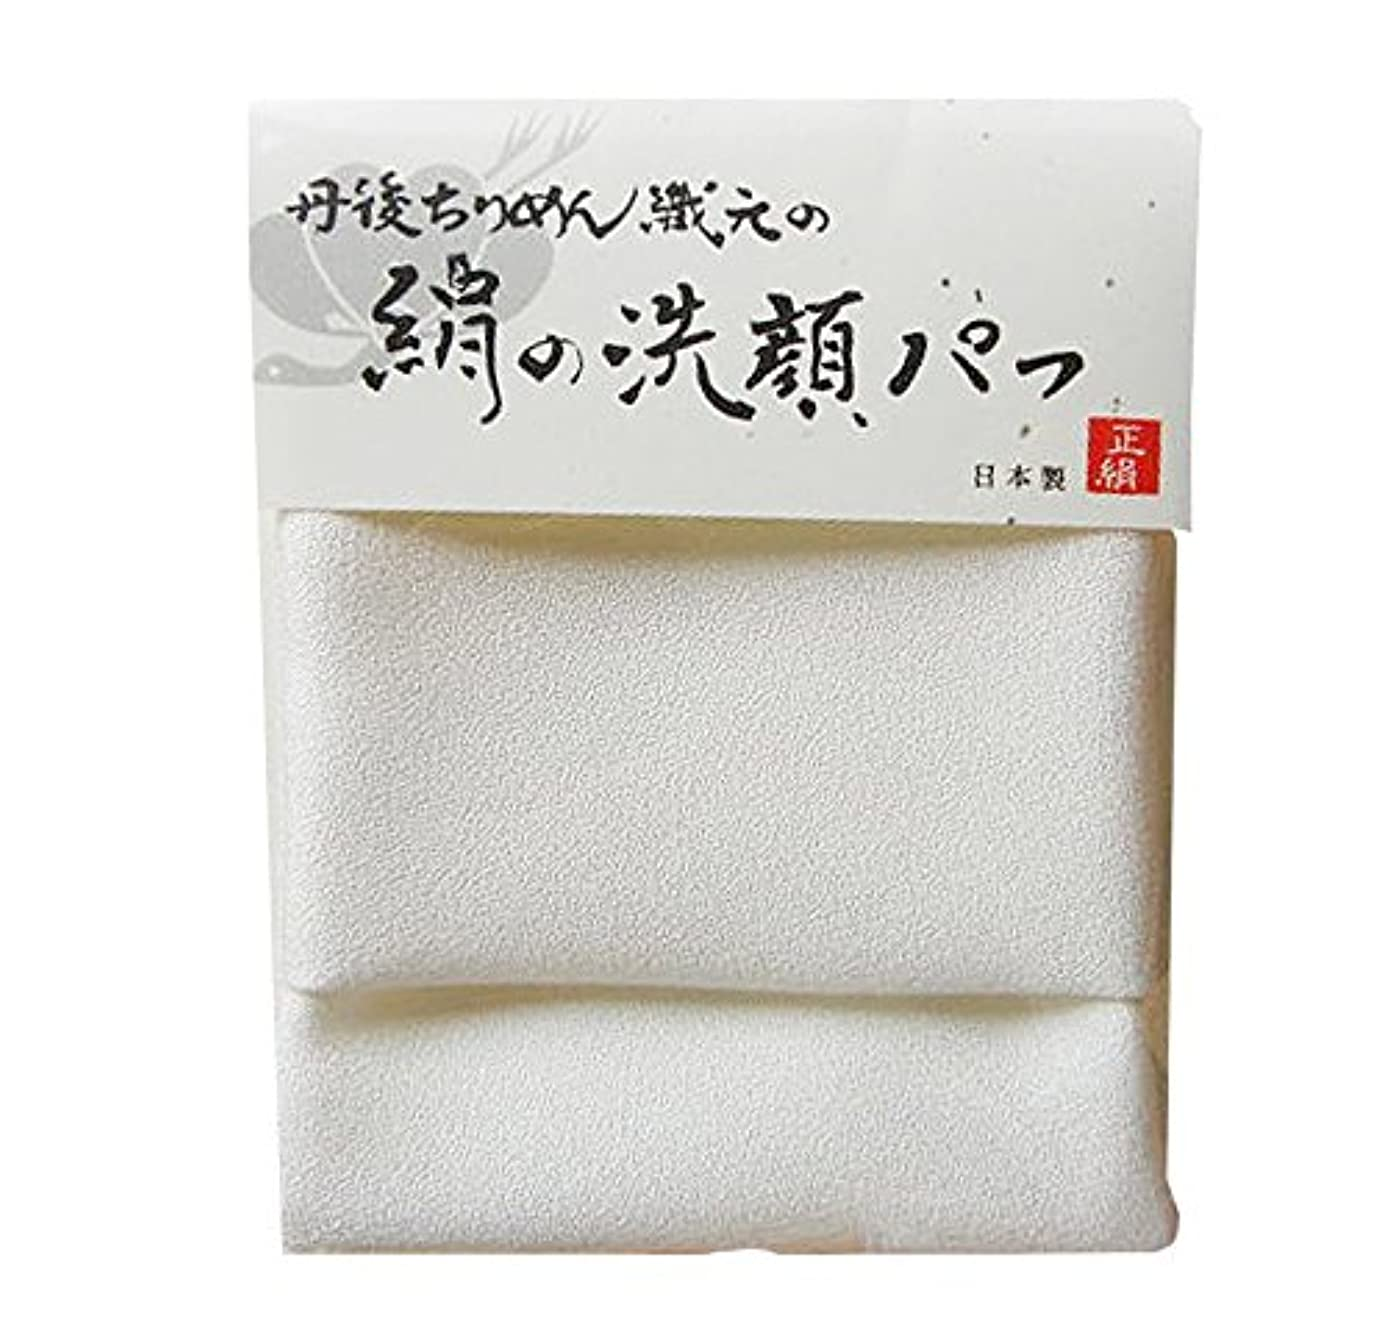 滅びるマルクス主義明るい【NHKイッピンで紹介!】丹後ちりめん織元の絹の洗顔パフ